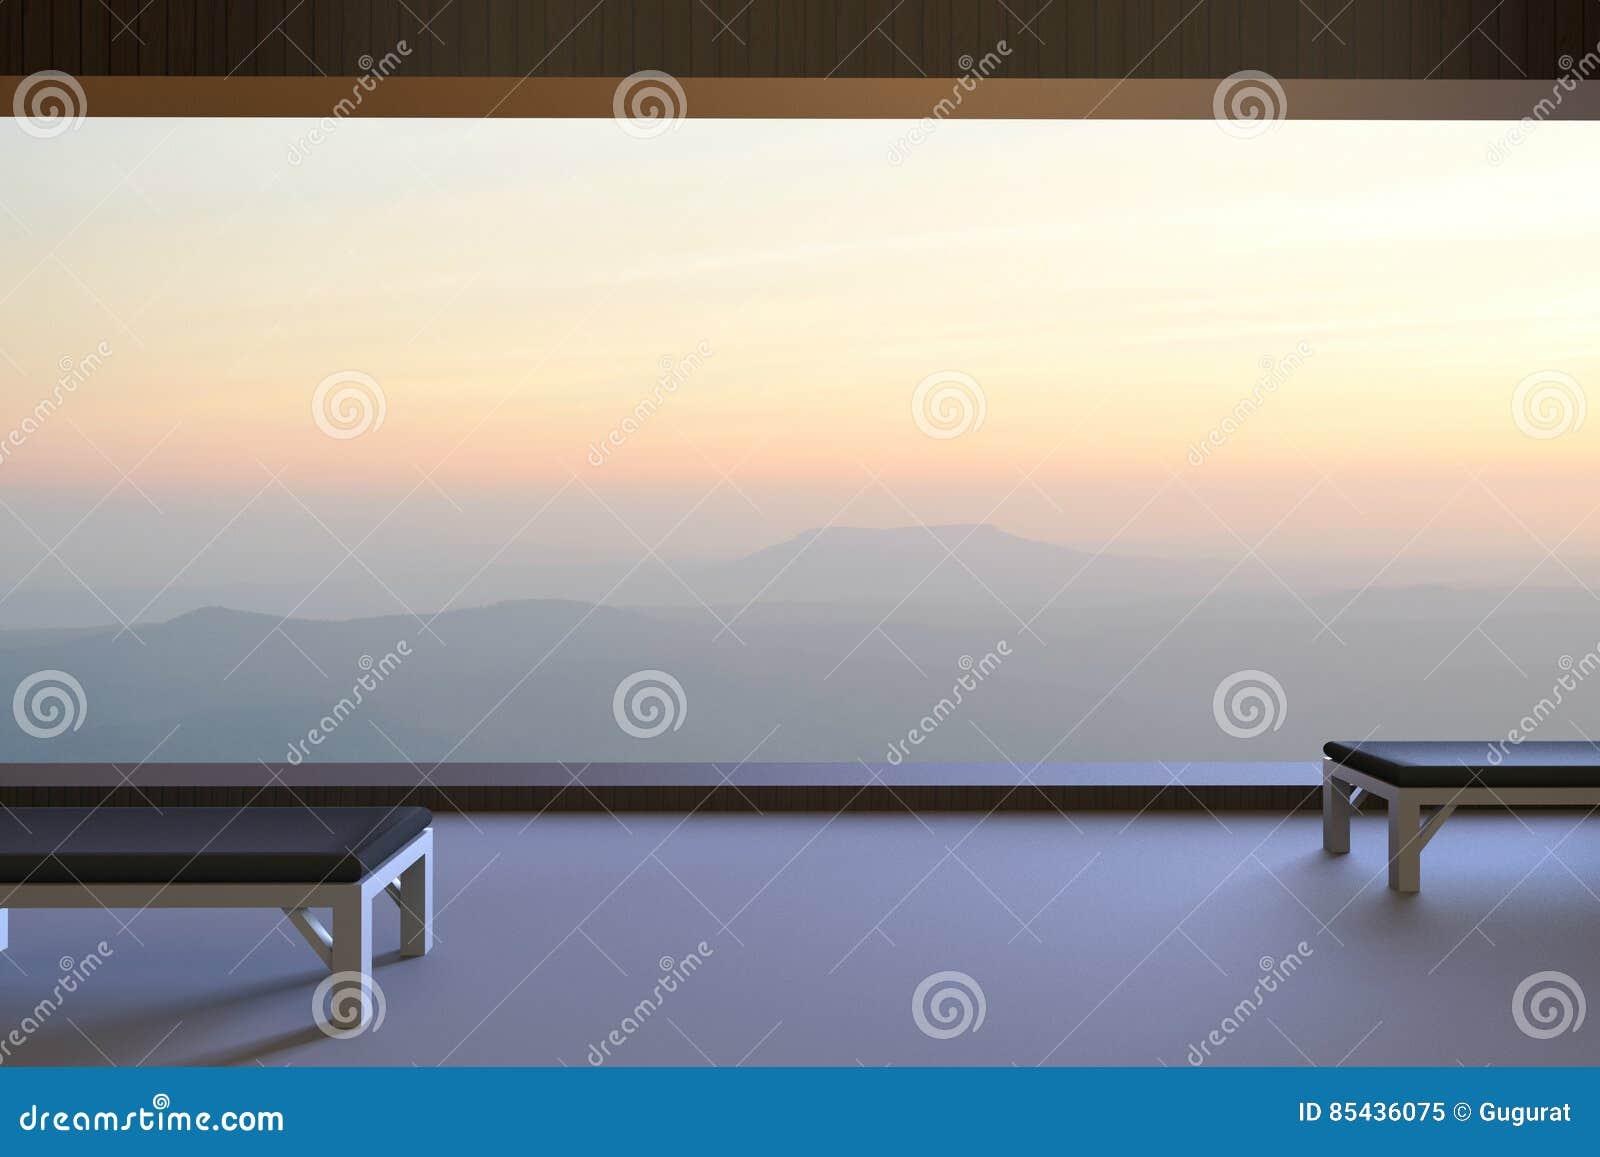 Koraalkleur De Woonkamer : Eenvoudige woonkamer en twee houten stoelen en bergmening buiten